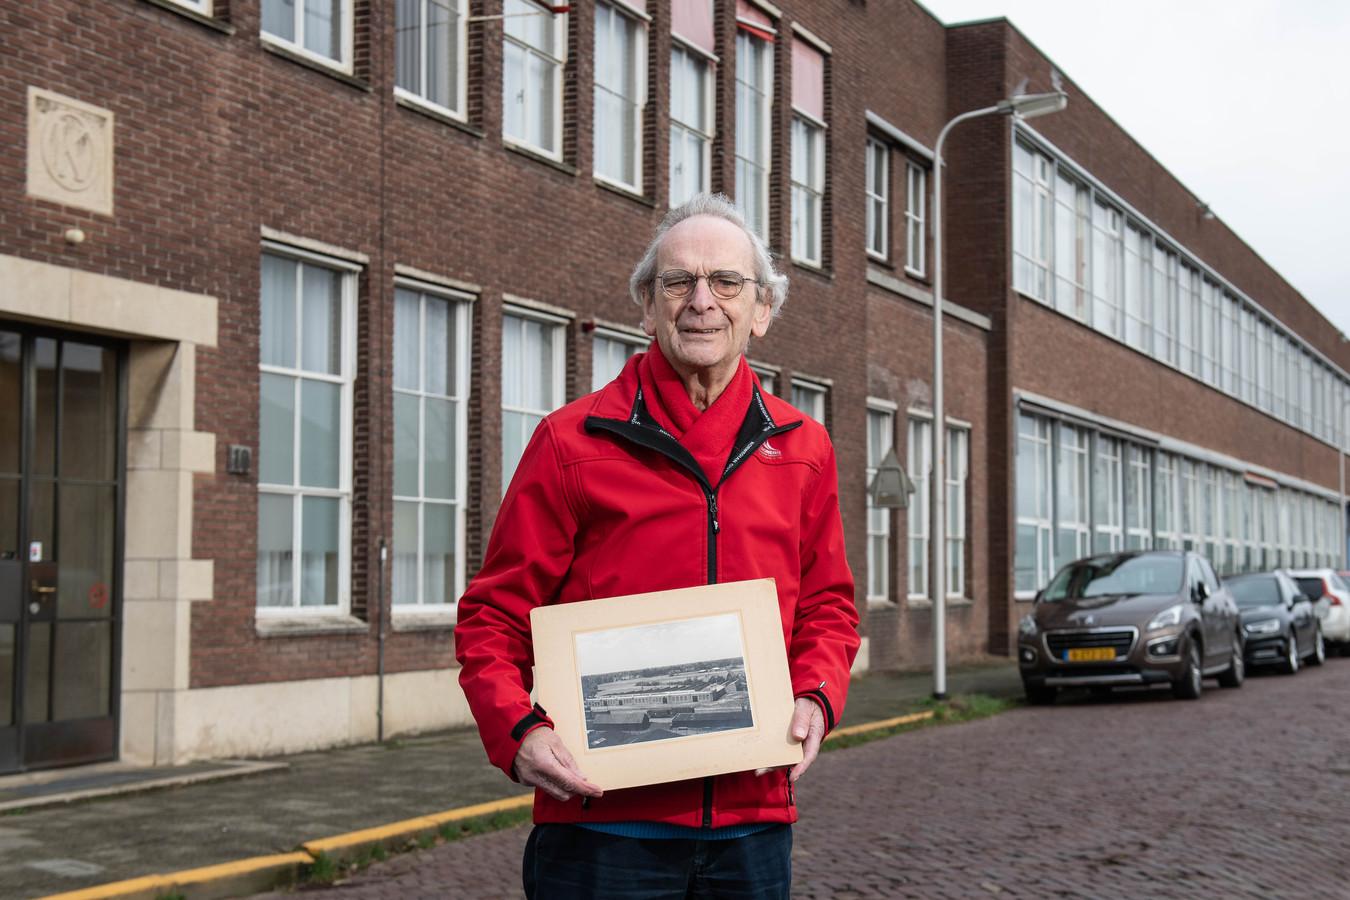 Het boek 'Een eeuw Odink & Koenderink' van Gerard Hofste op Bruinink wordt op 1 februari gepresenteerd in het fabriekspand aan de Parallelweg.